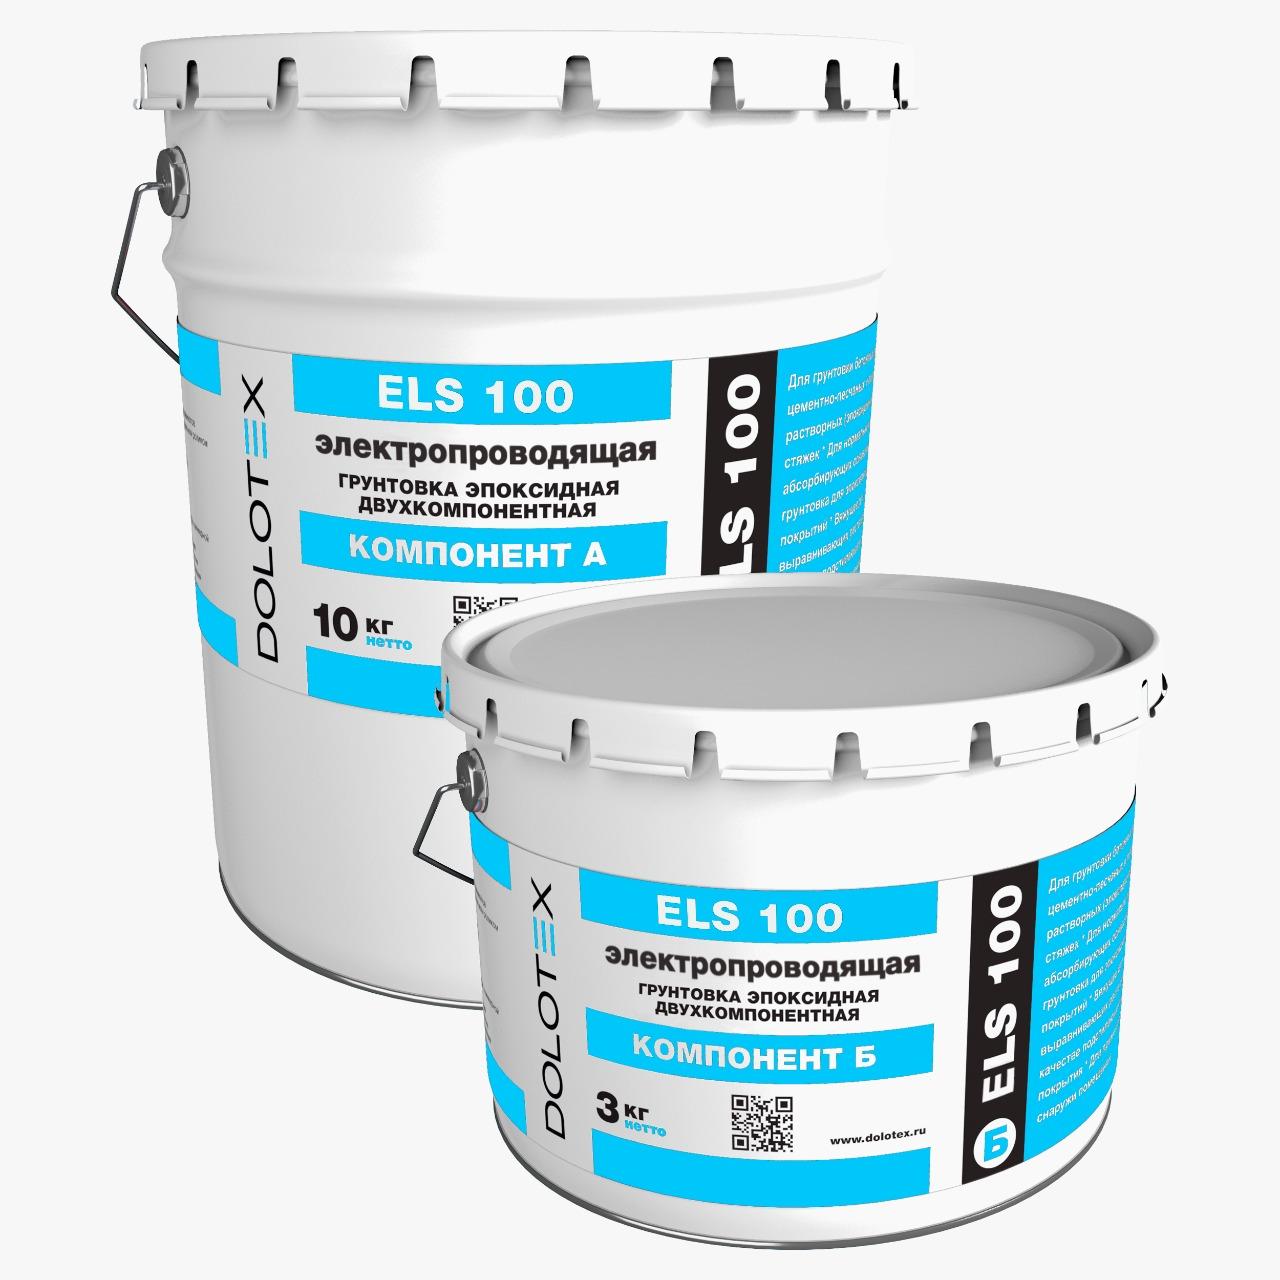 Электропроводящая грунтовка двухкомпонентная Dolotex ELS 100 13 кг